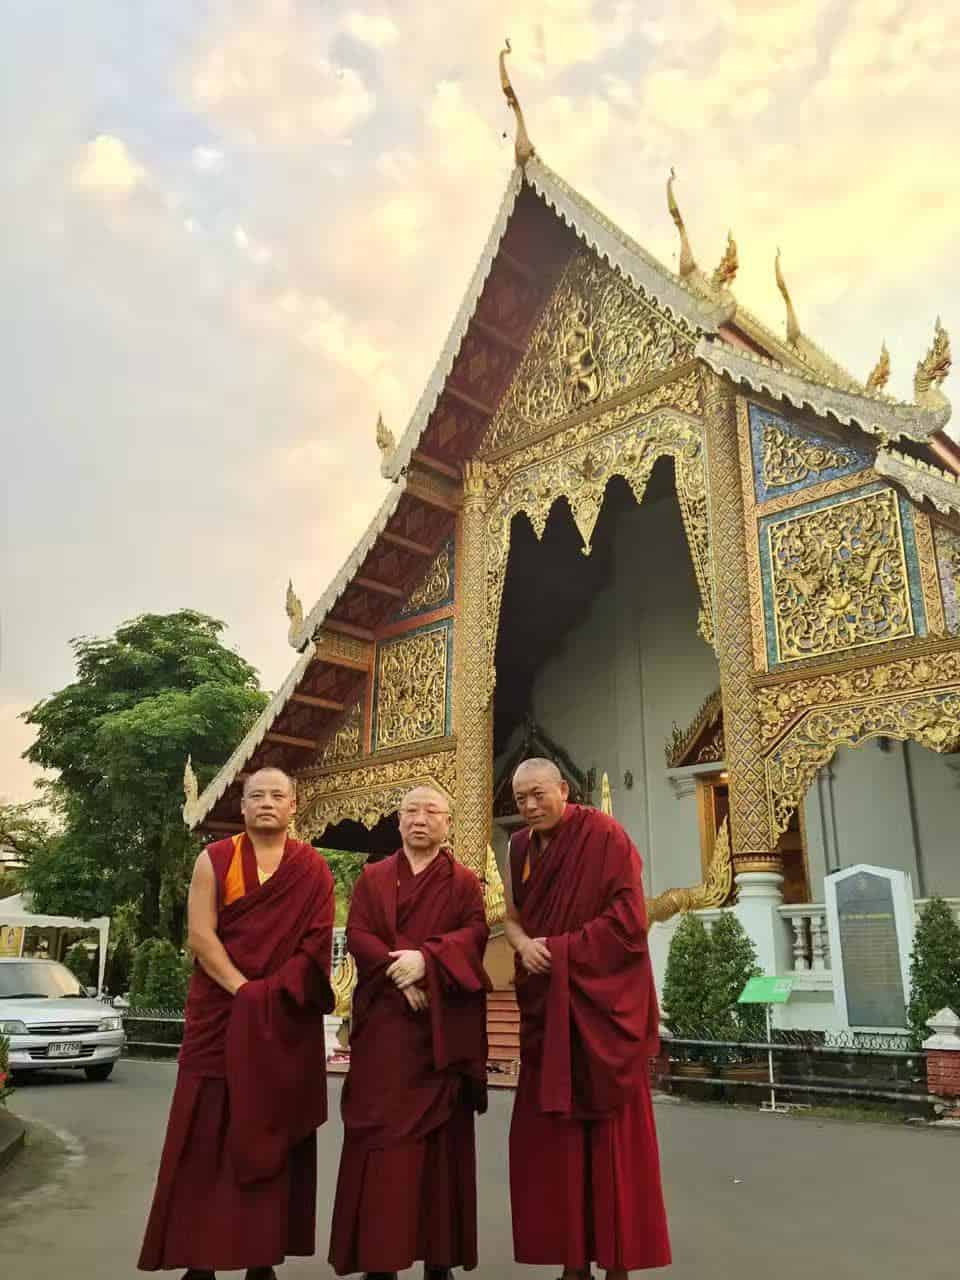 Gosok Rinpoche Thailand 2017 T007 f53f3cecc399ffe3f87874c9b96fb7d